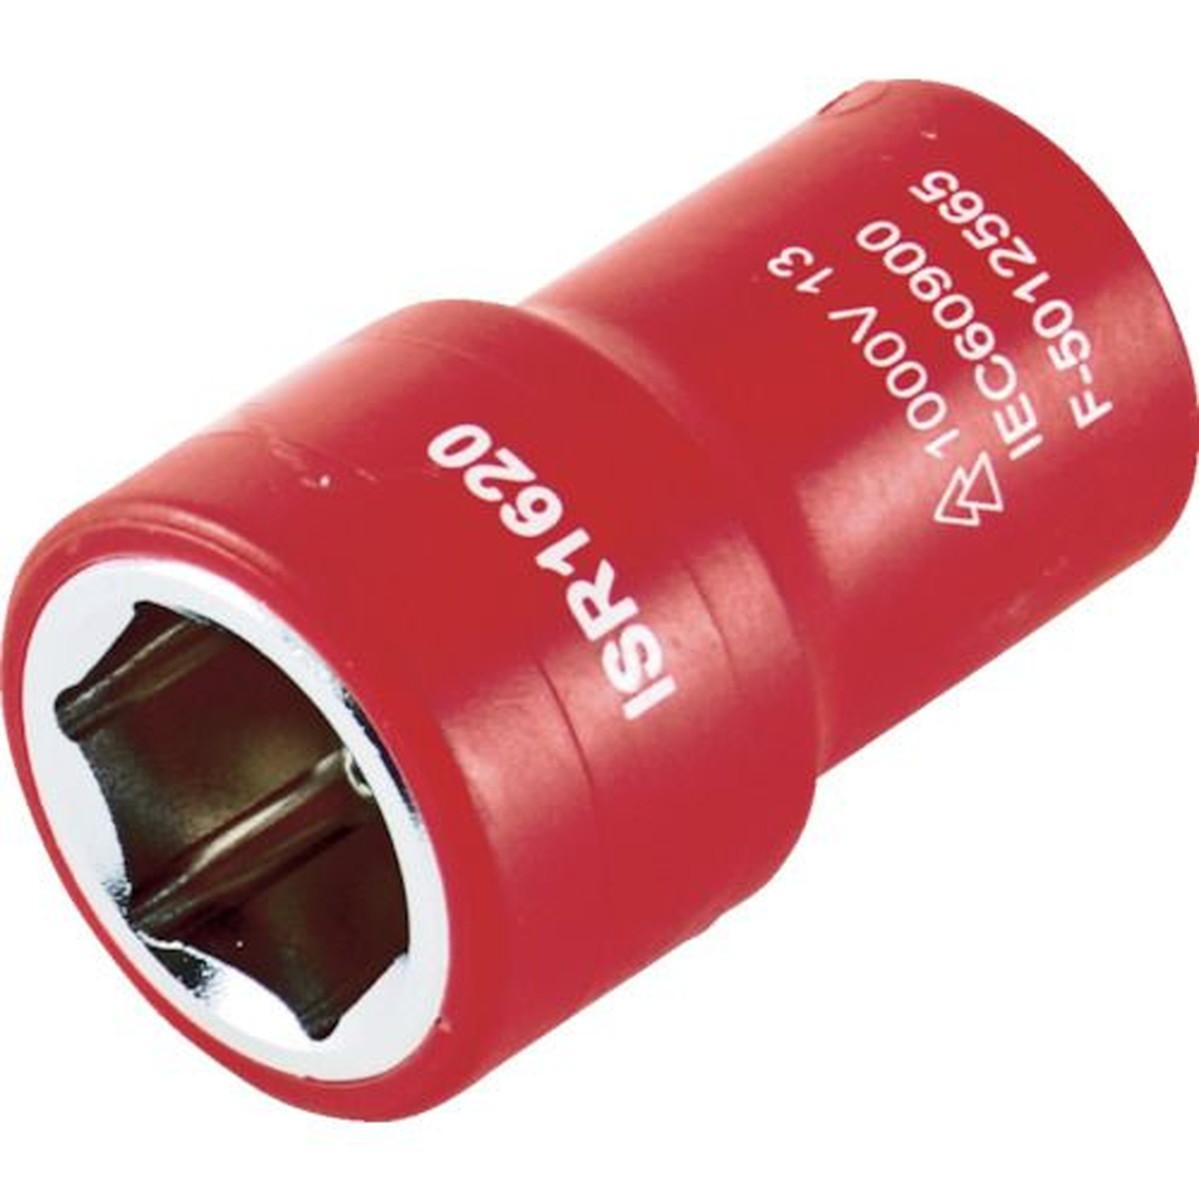 あす楽対応 DIY用品 セットアップ TRUSCO 絶縁ソケット 6角 対辺11mm 差込角6.35 限定タイムセール 1個